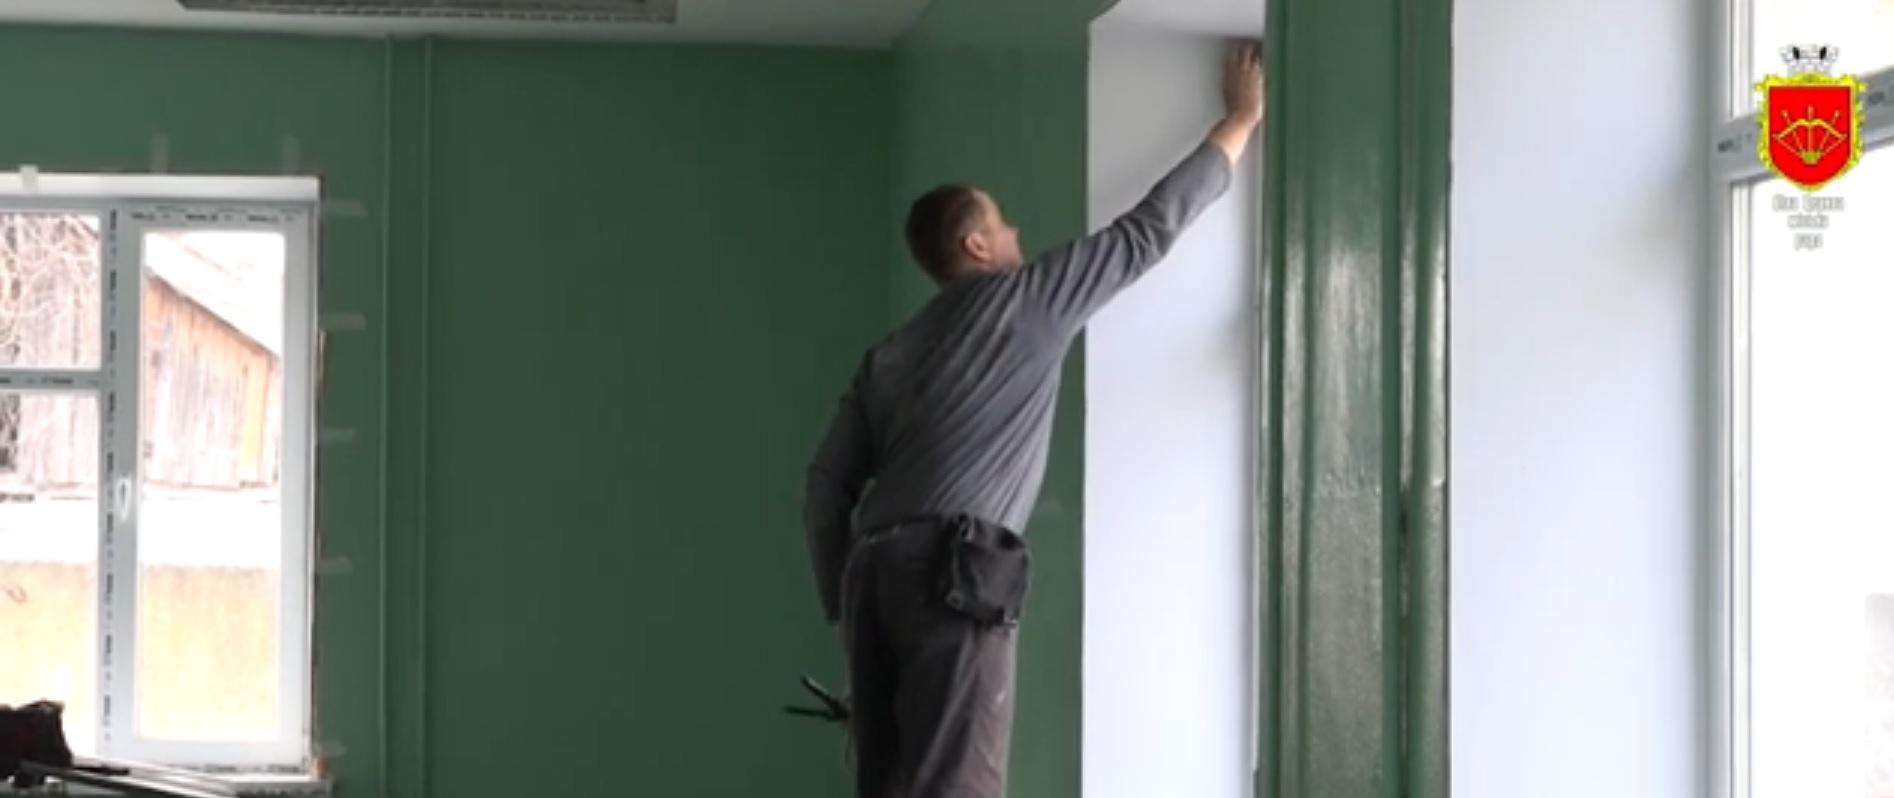 У Білій Церкві під час карантину ремонтують школи та дитячі садочки - карантин, Біла Церква - BTS2